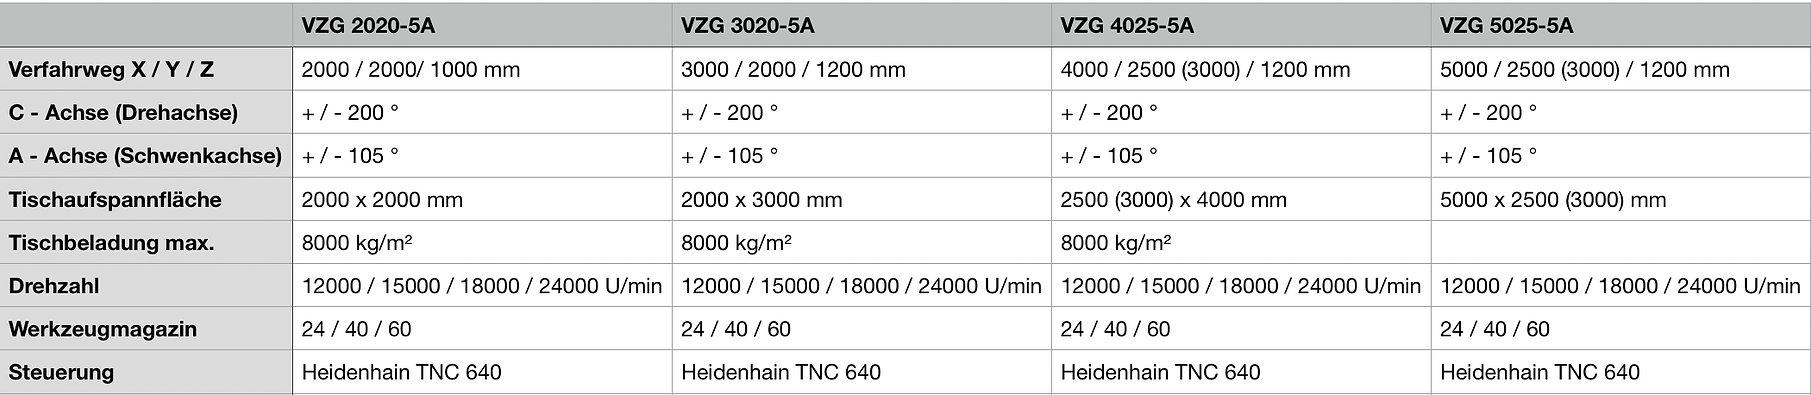 VZG 5A.JPG